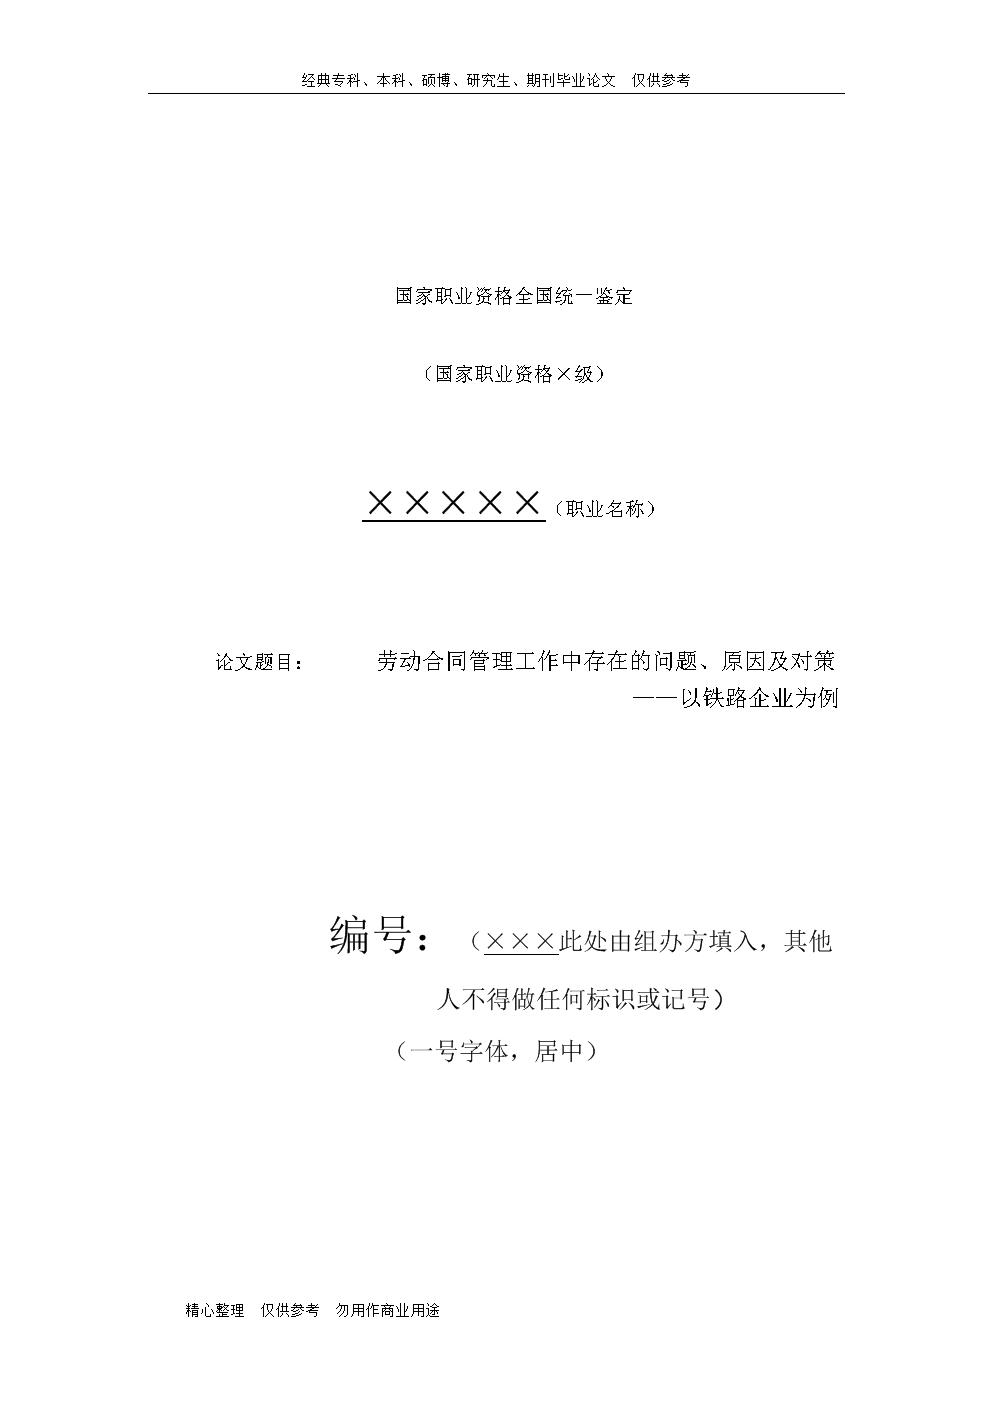 劳动关系协调师二级论文.docx